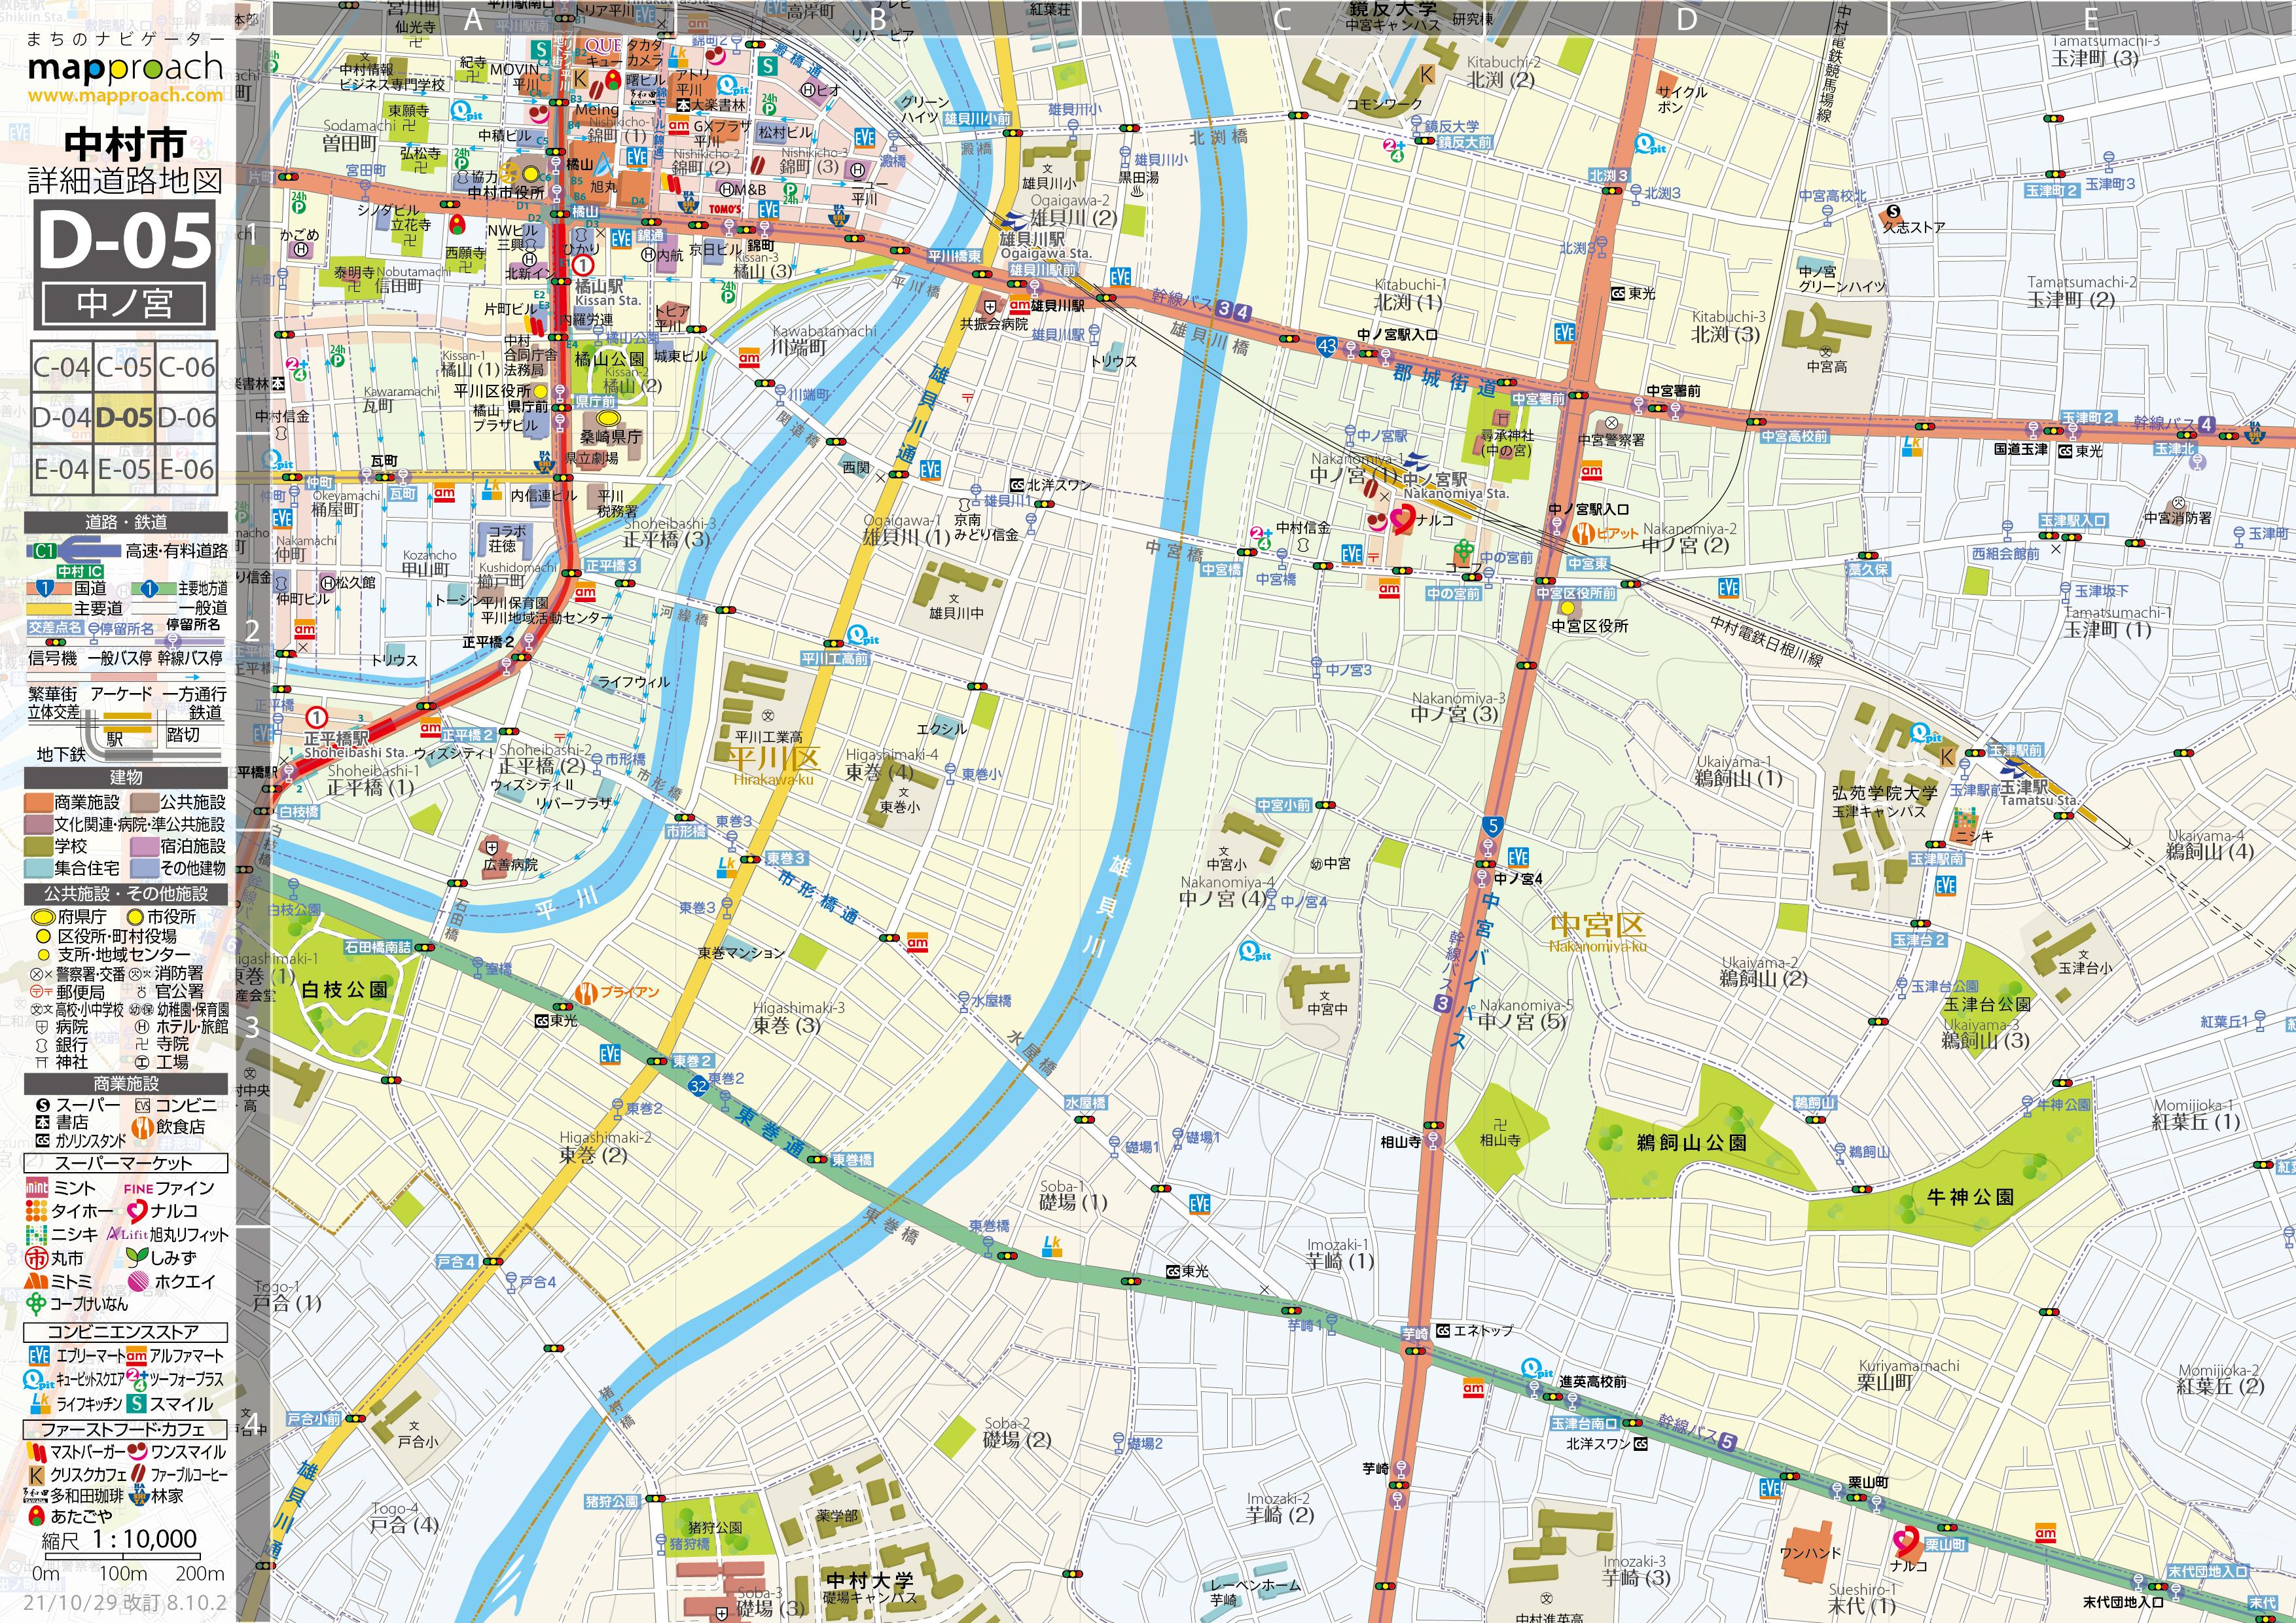 D-05 中ノ宮 地図拡大